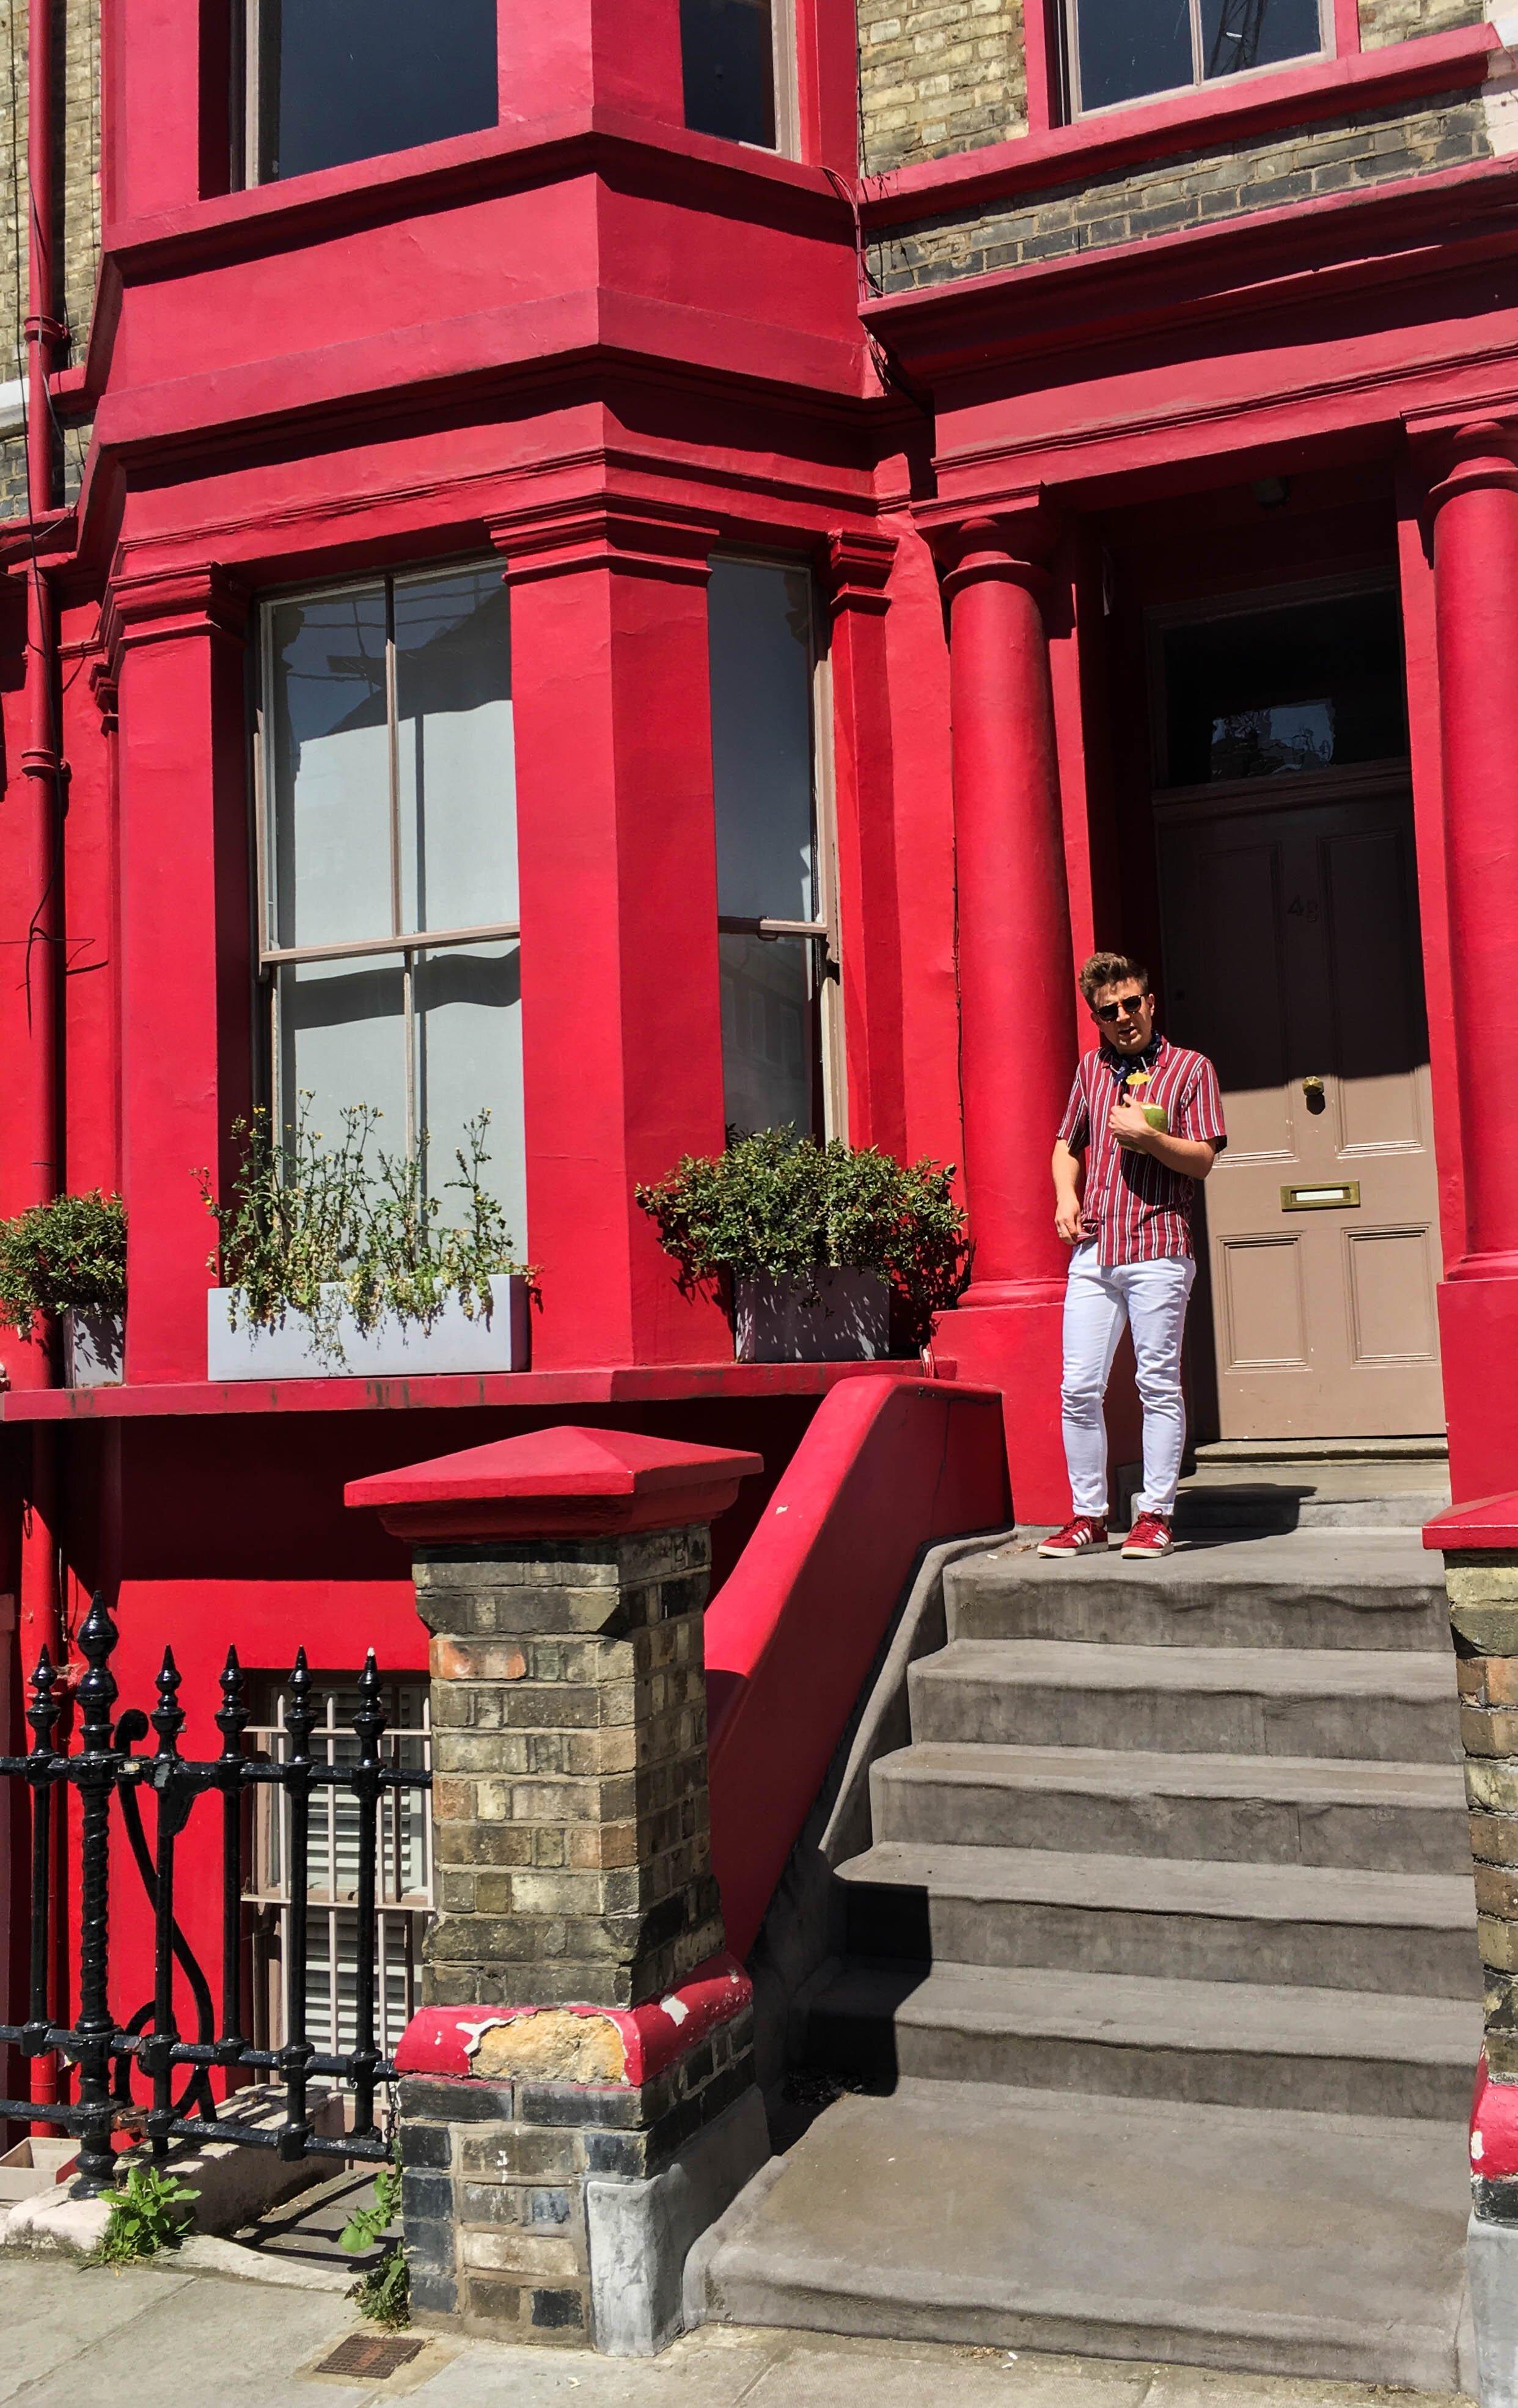 Londyn, Subiektywny przewodnik po Londynie, Gmale Goes To London, Bloger modowy w Londynie, Jak się ubrać do Londynu, Moda męska, Notting Hill